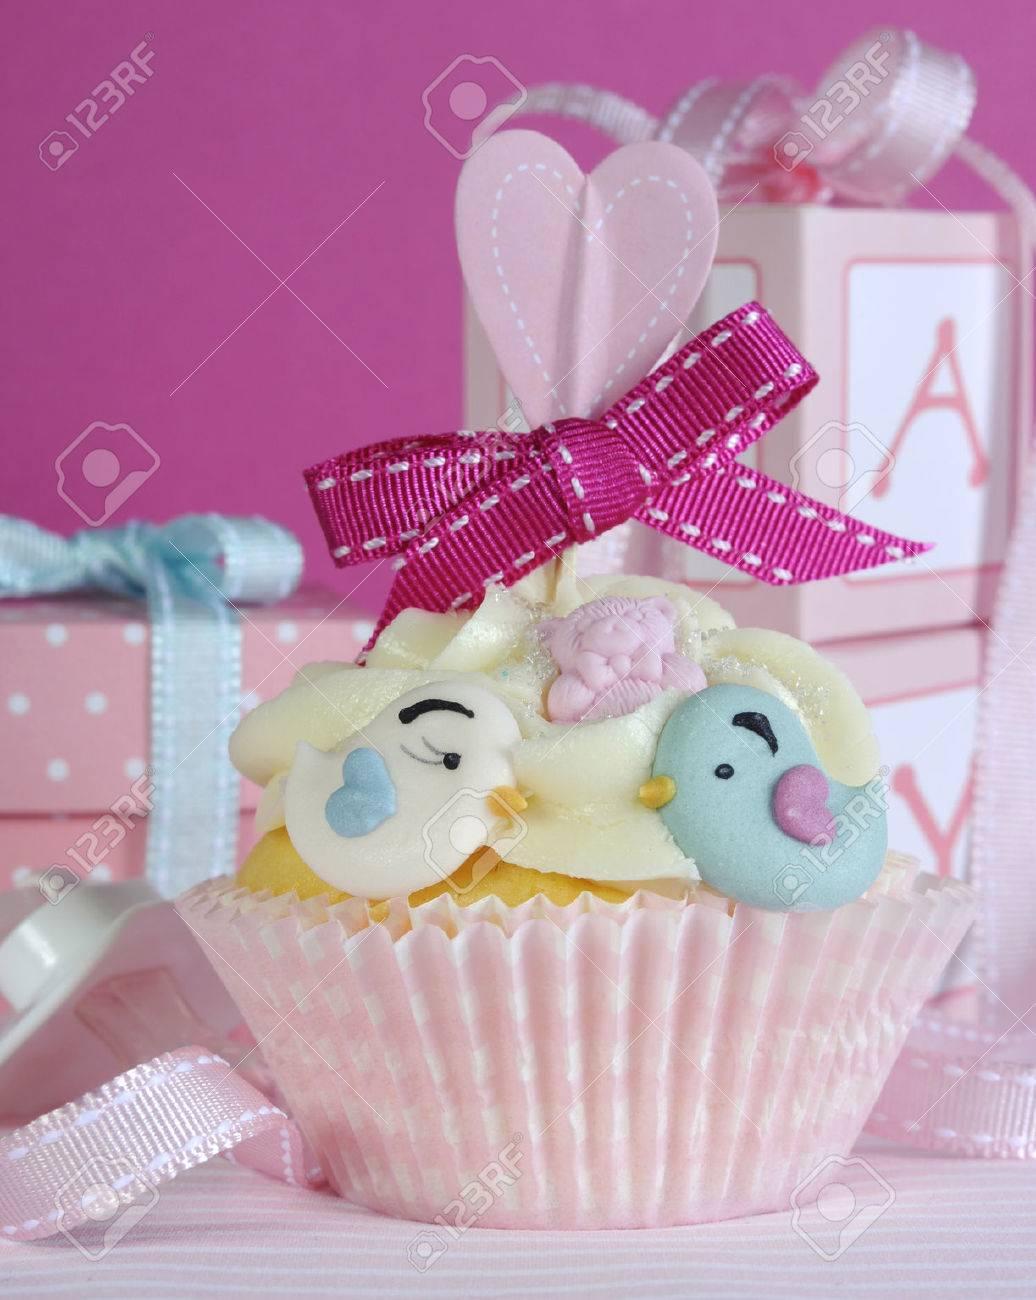 Baby Madchen Kuchen Mit Niedlichen Vogeln Und Farbband Nahaufnahme